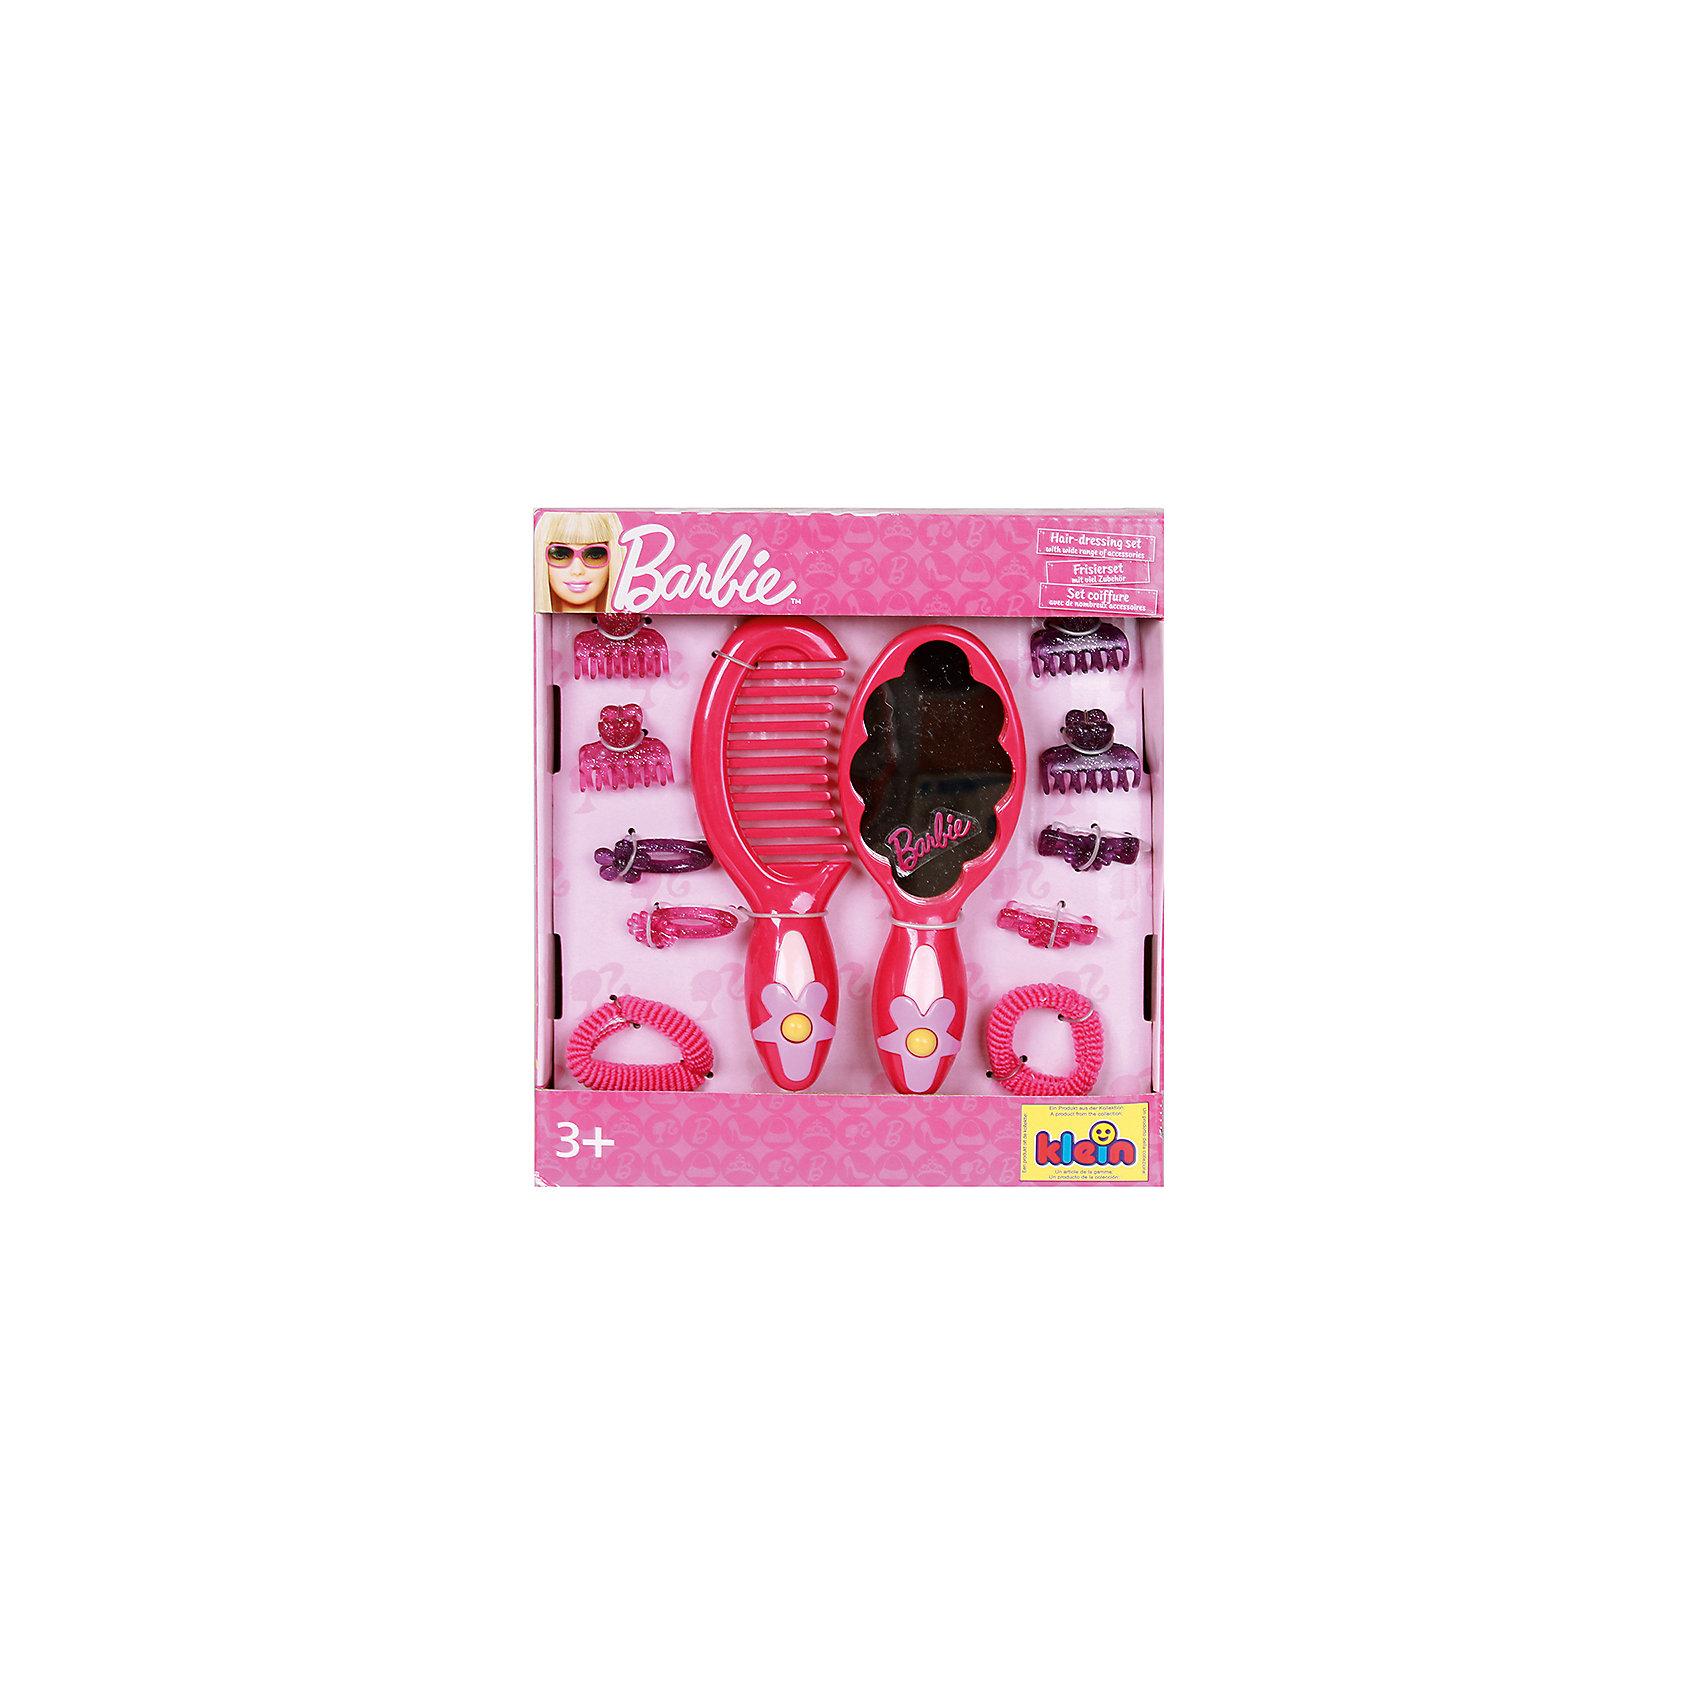 klein Набор с зеркалом Barbie, 12 предметовСалон красоты<br>В набор Барби для стилизации волос от klein (Кляйн) входят: расческа, различные заколочки и резиночки, расческа с зеркальцем. <br>Размер упаковки: 18х20х2,5 см.<br><br>Ширина мм: 120<br>Глубина мм: 120<br>Высота мм: 250<br>Вес г: 815<br>Возраст от месяцев: 60<br>Возраст до месяцев: 120<br>Пол: Женский<br>Возраст: Детский<br>SKU: 2148571